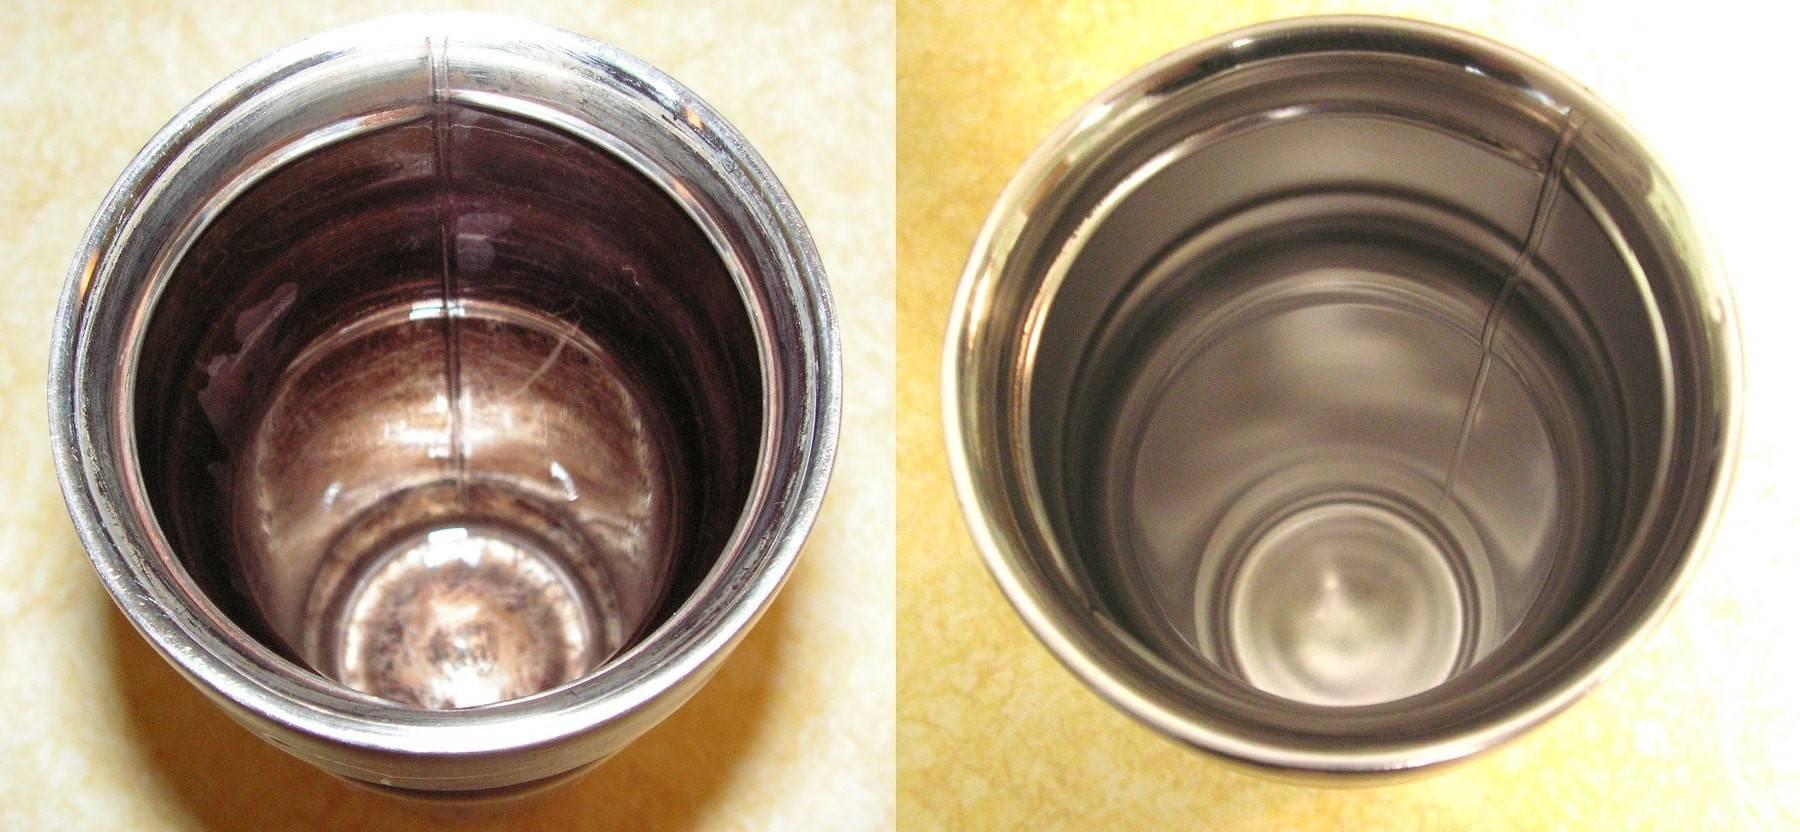 Как очистить термос из нержавейки внутри от чайного налета